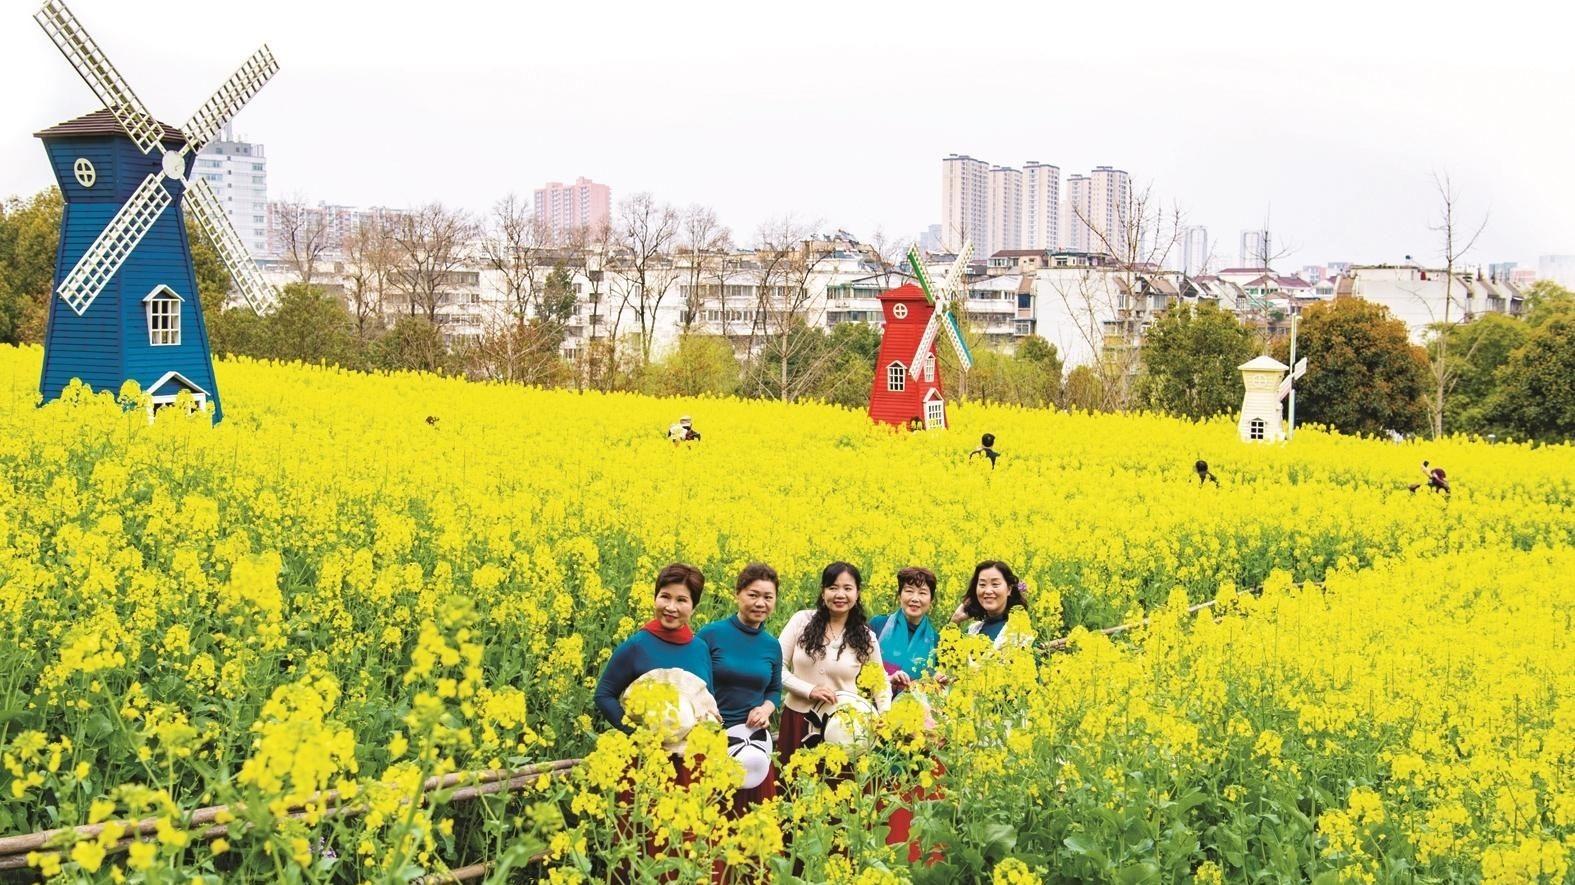 宜昌运河公园油菜花海吸引市民拍照打卡